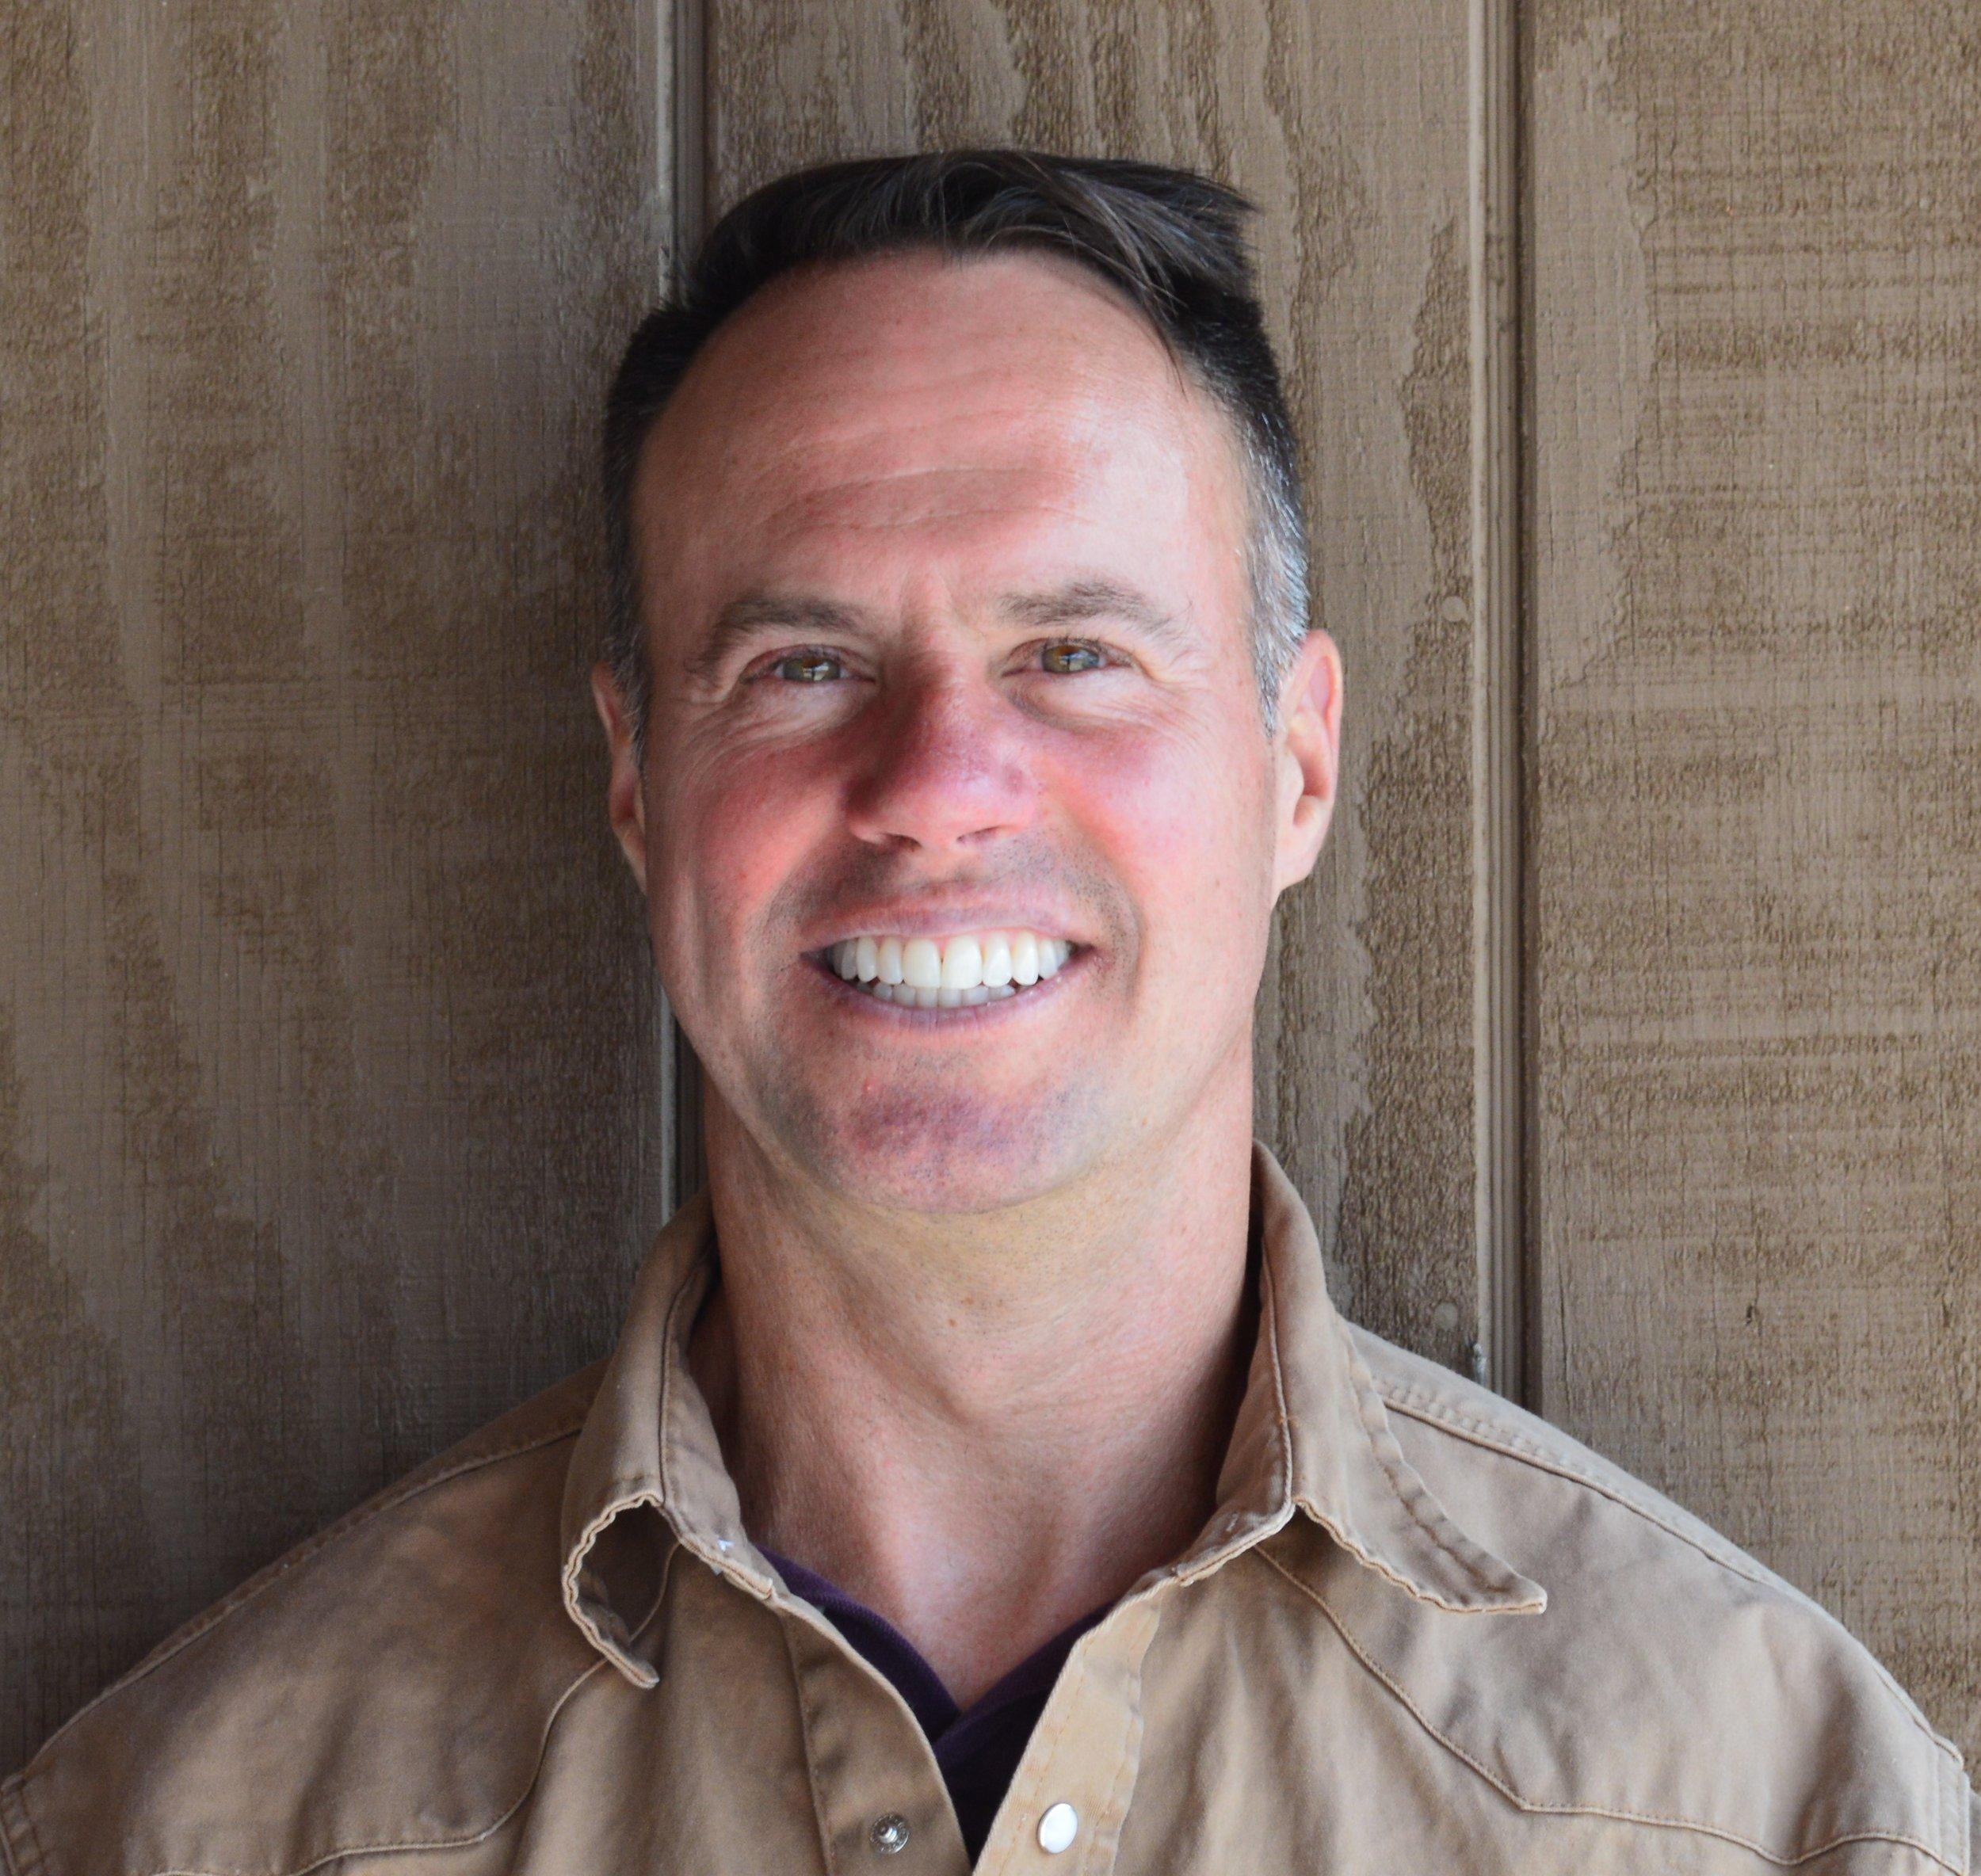 Kris Kile, Hydrological Engineer